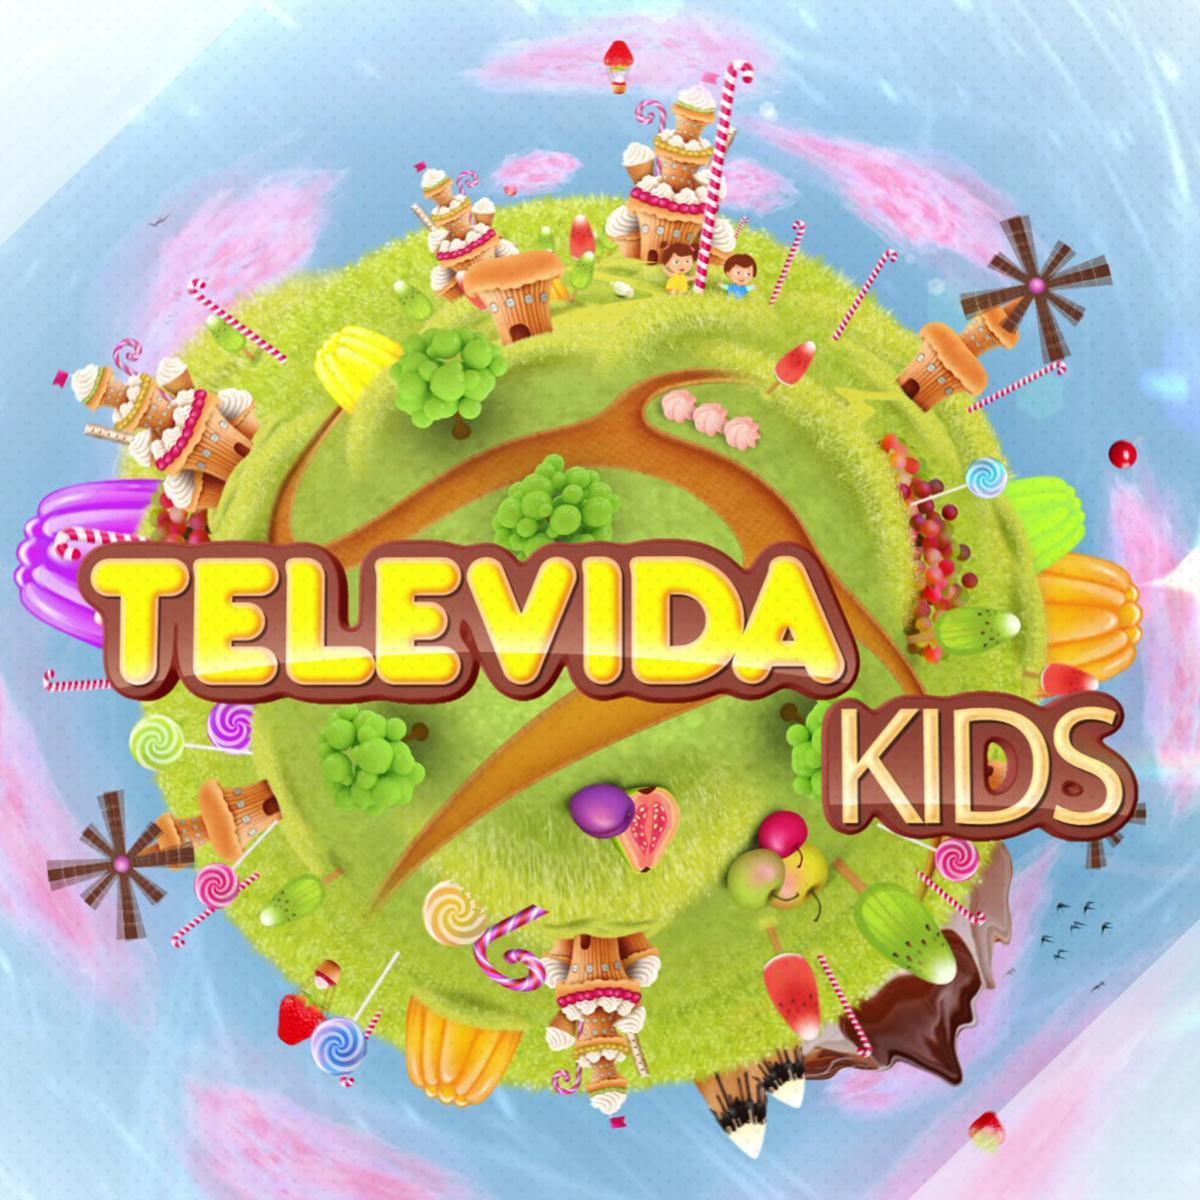 Televida Kids